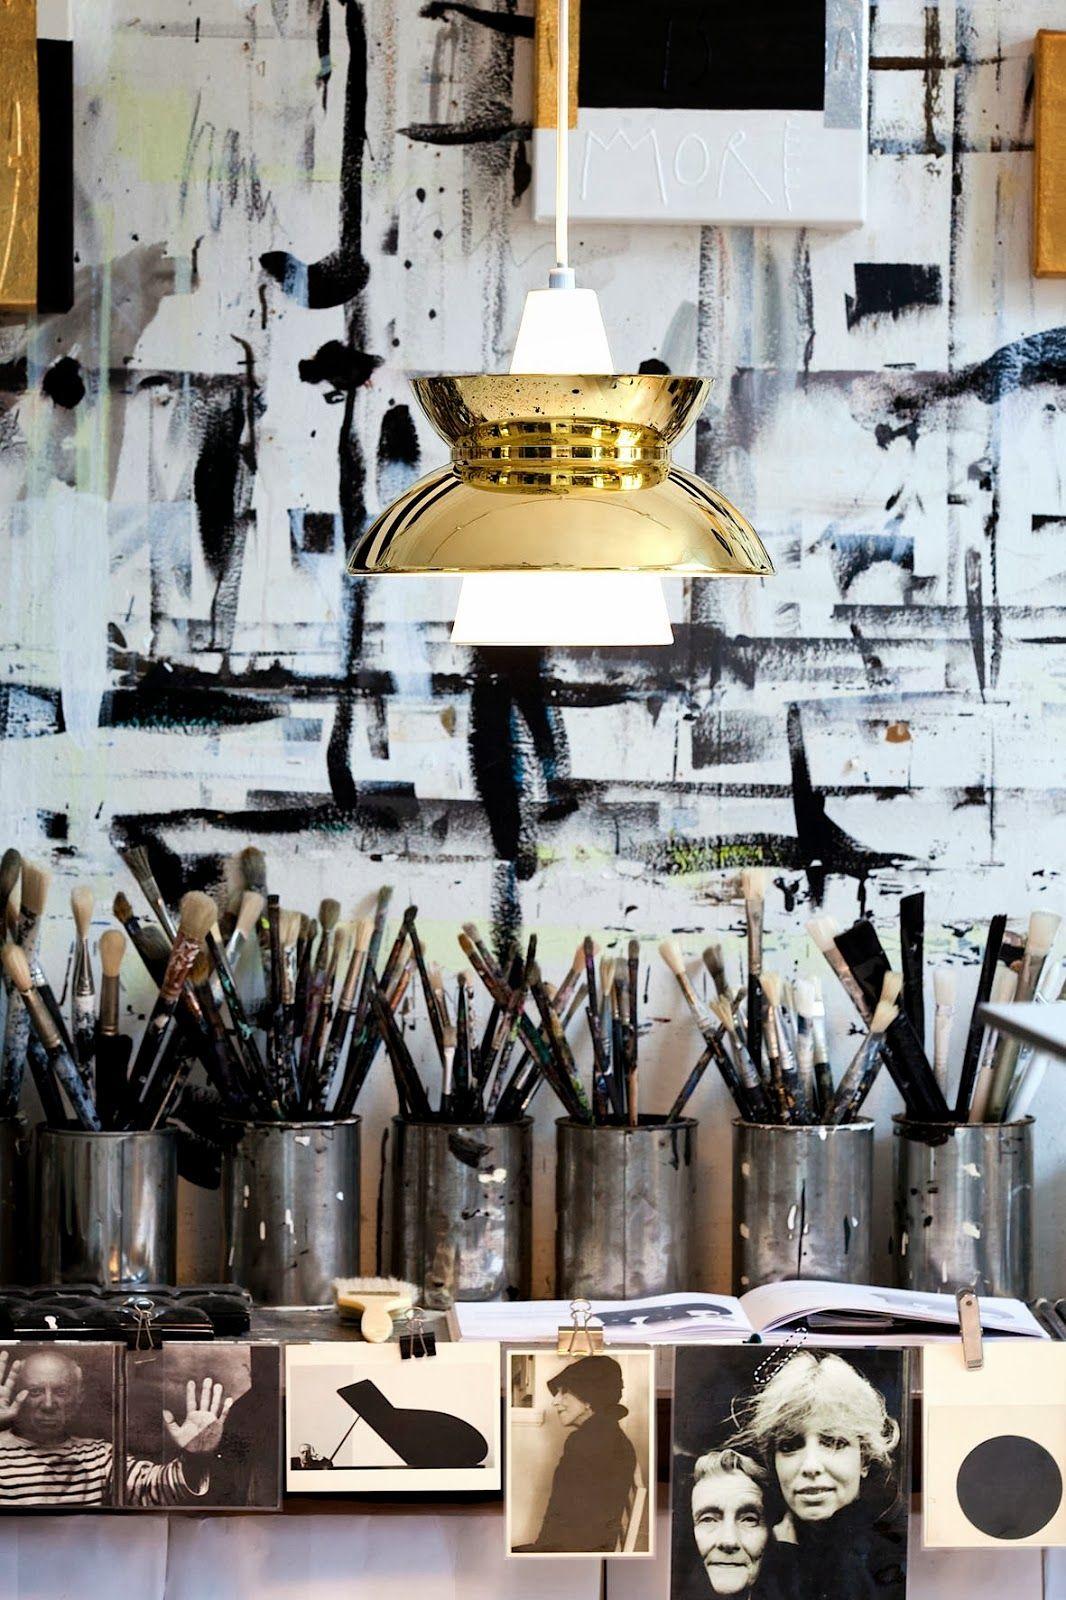 Haal je inspiratie uit de mooiste creatieve ateliers art studios